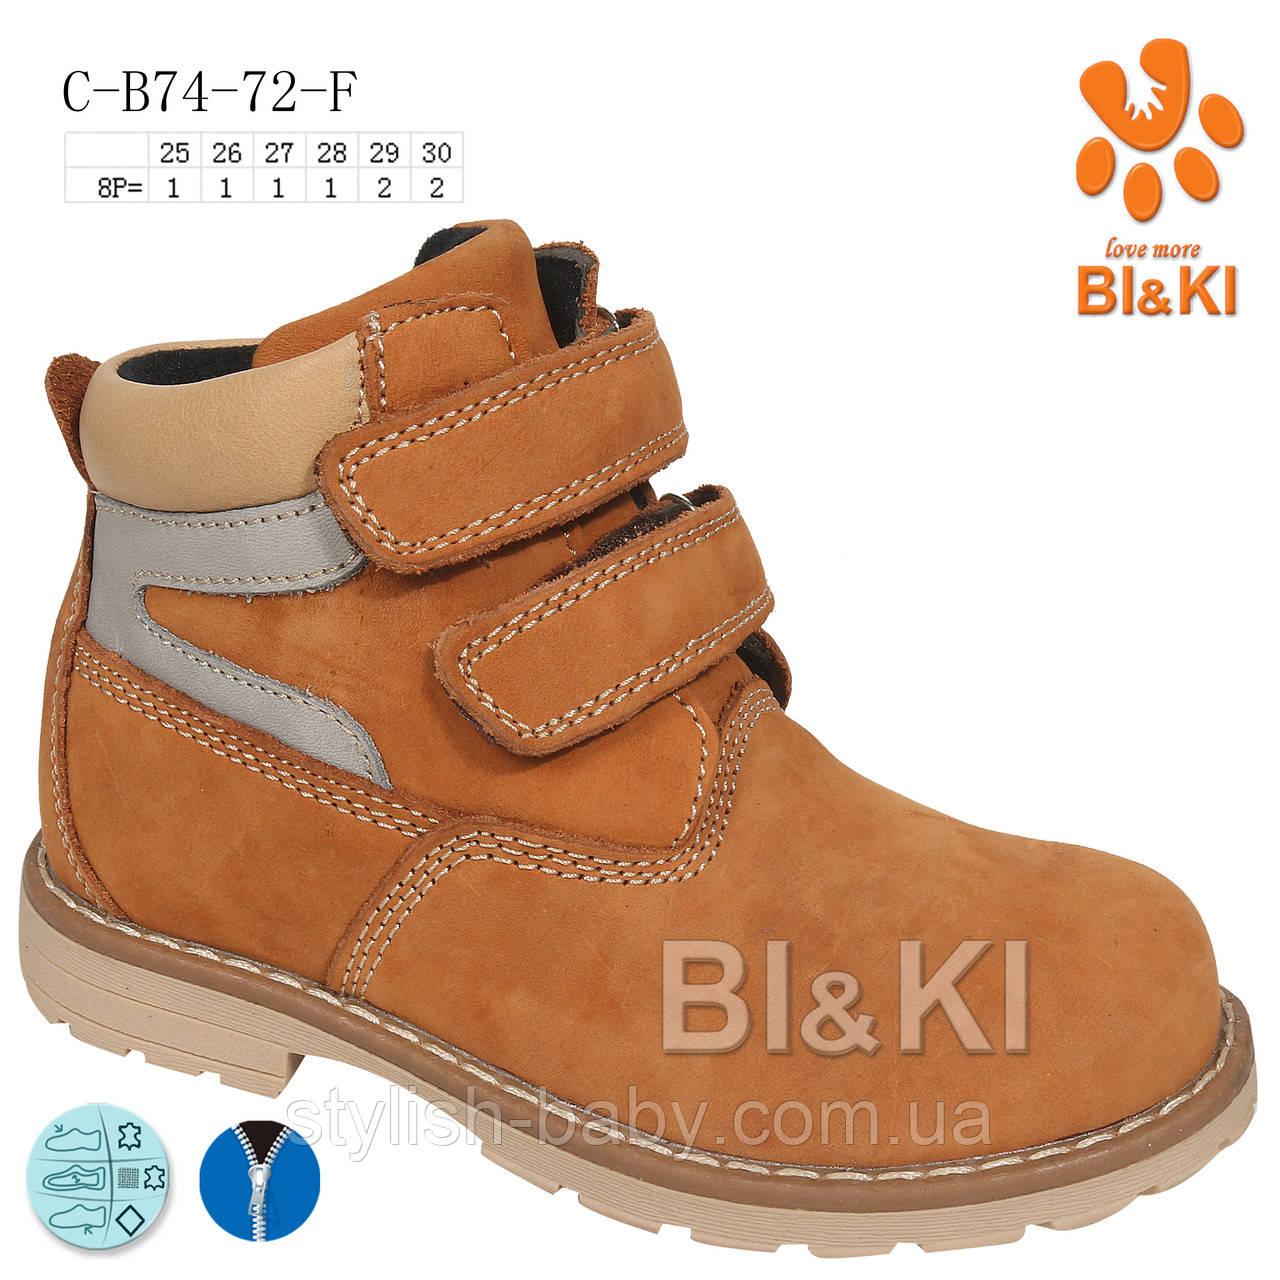 Детская обувь 2020 оптом. Детская демисезонная обувь бренда Tom.m - Bi&Ki для мальчиков (рр. с 25 по 30)